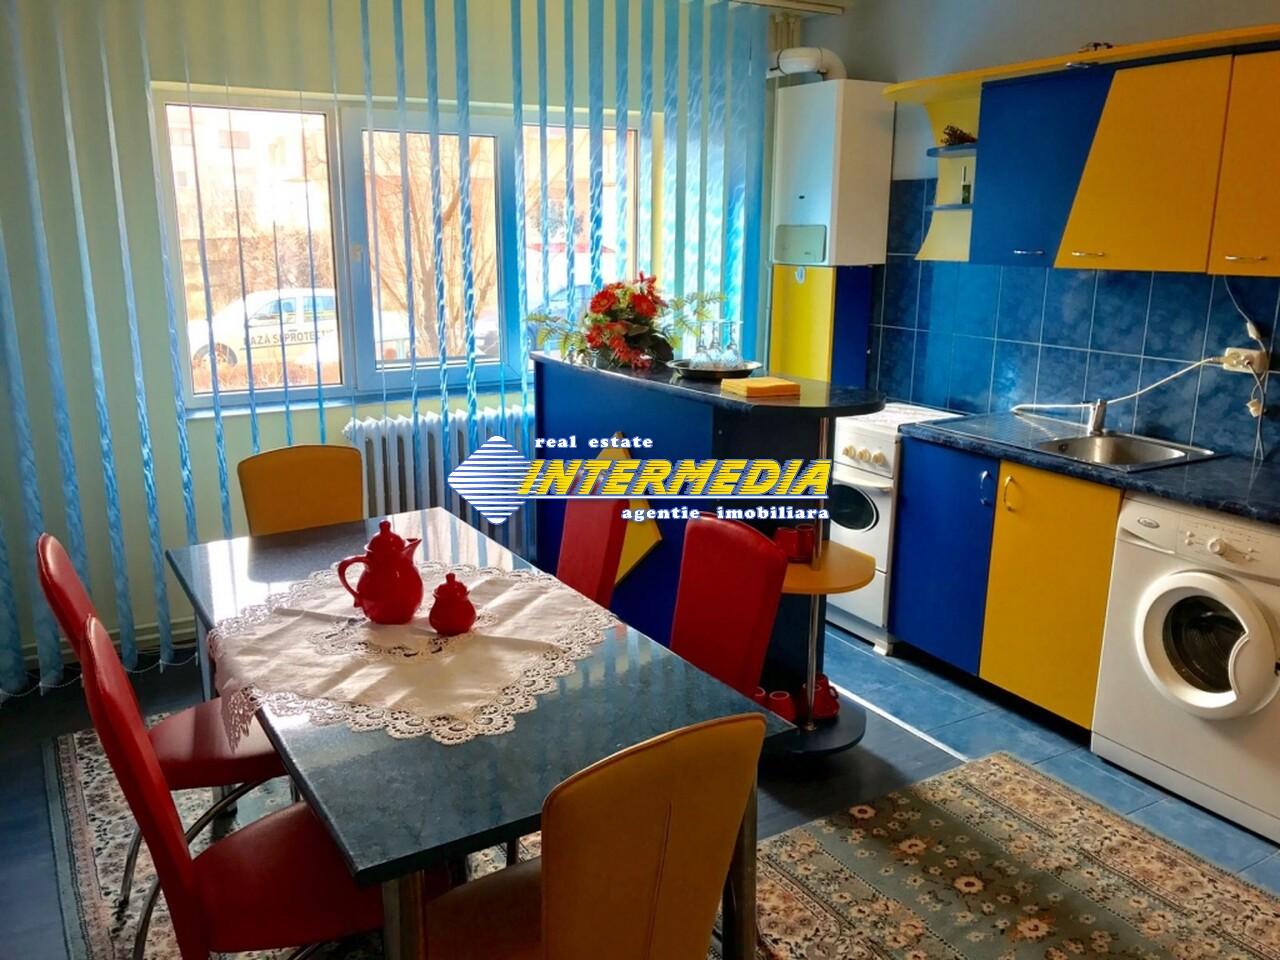 Apartament 5 camere de inchiriat in Alba Iulia mobilat-16182-11